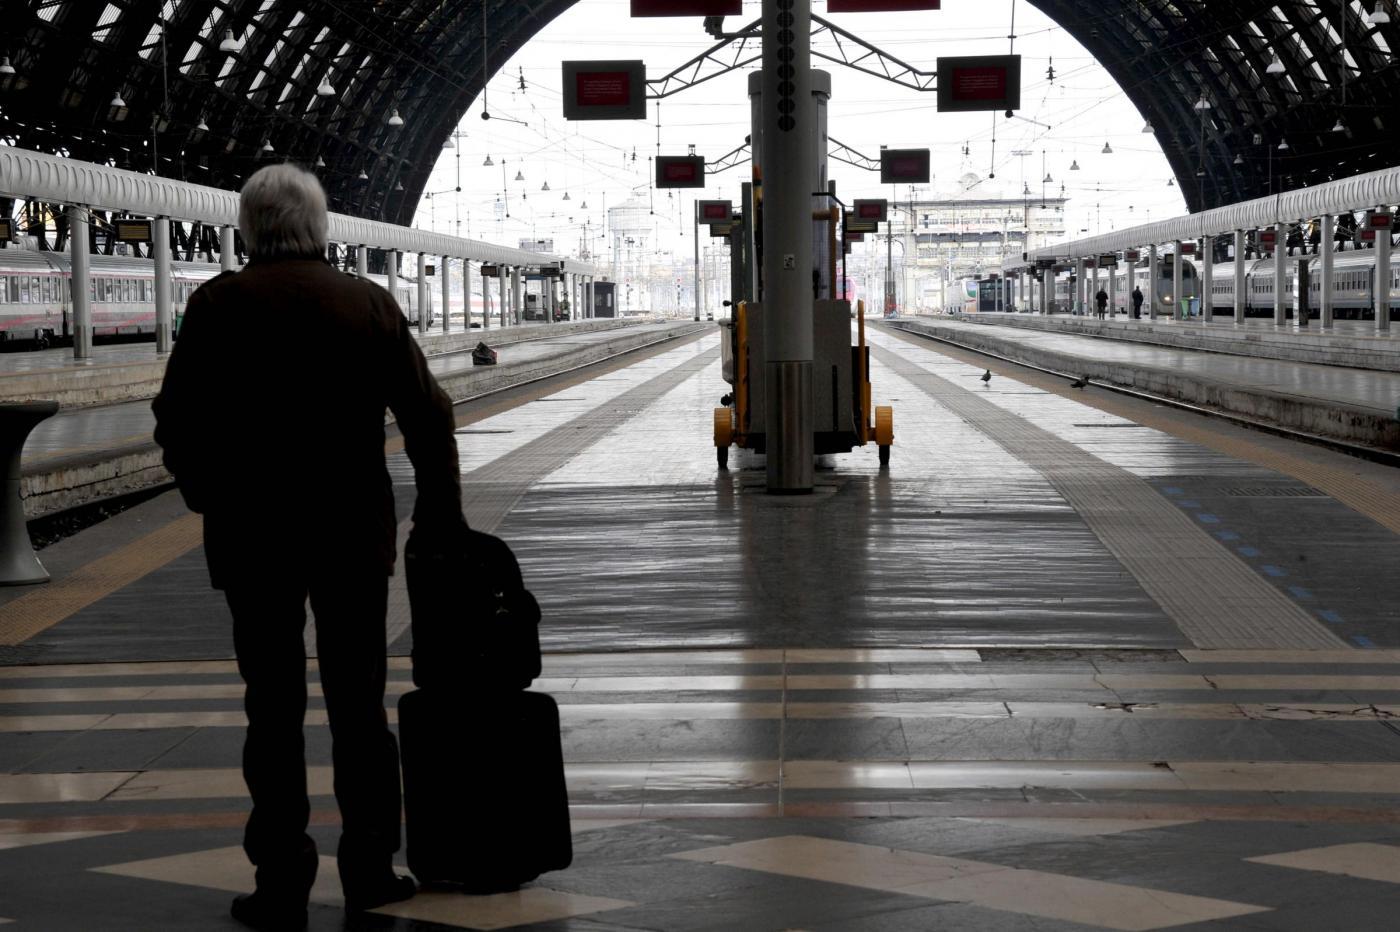 Sciopero treni a Milano il 7 e l'8 febbraio 2015: orari e modalità